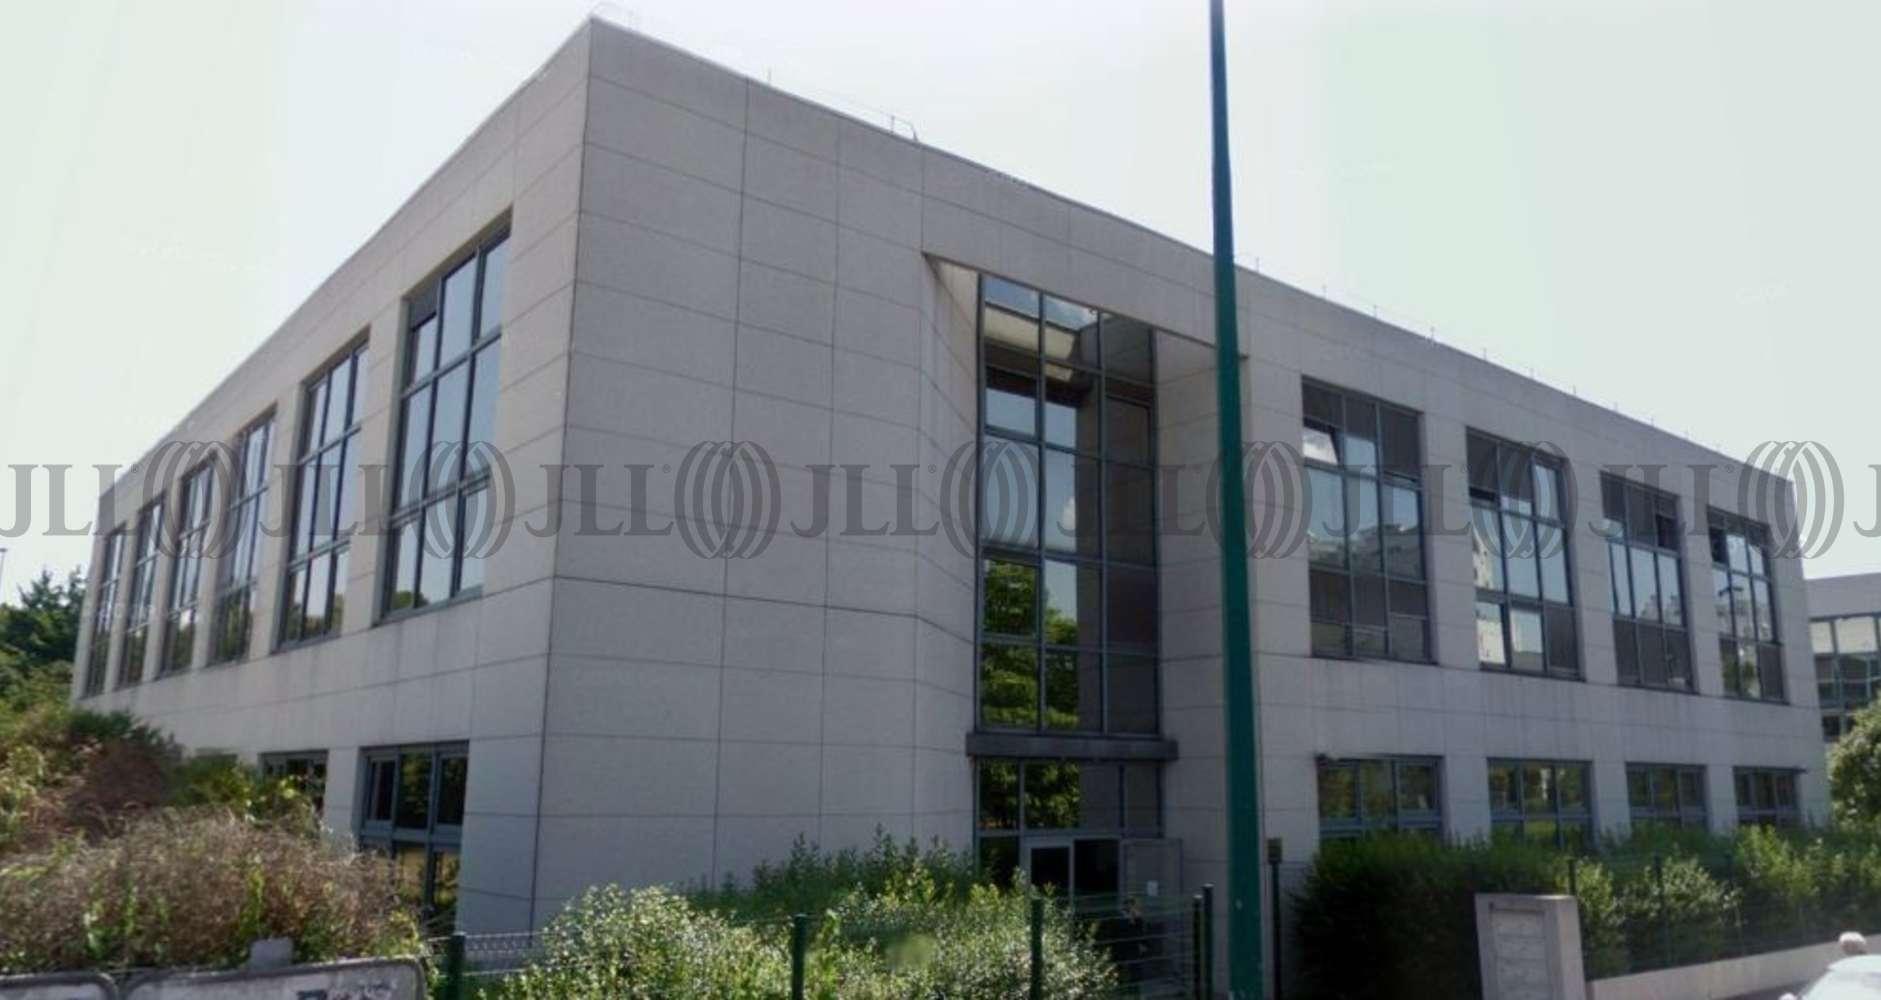 Activités/entrepôt Fontenay sous bois, 94120 - LE TECHNIPOLE - 9448205